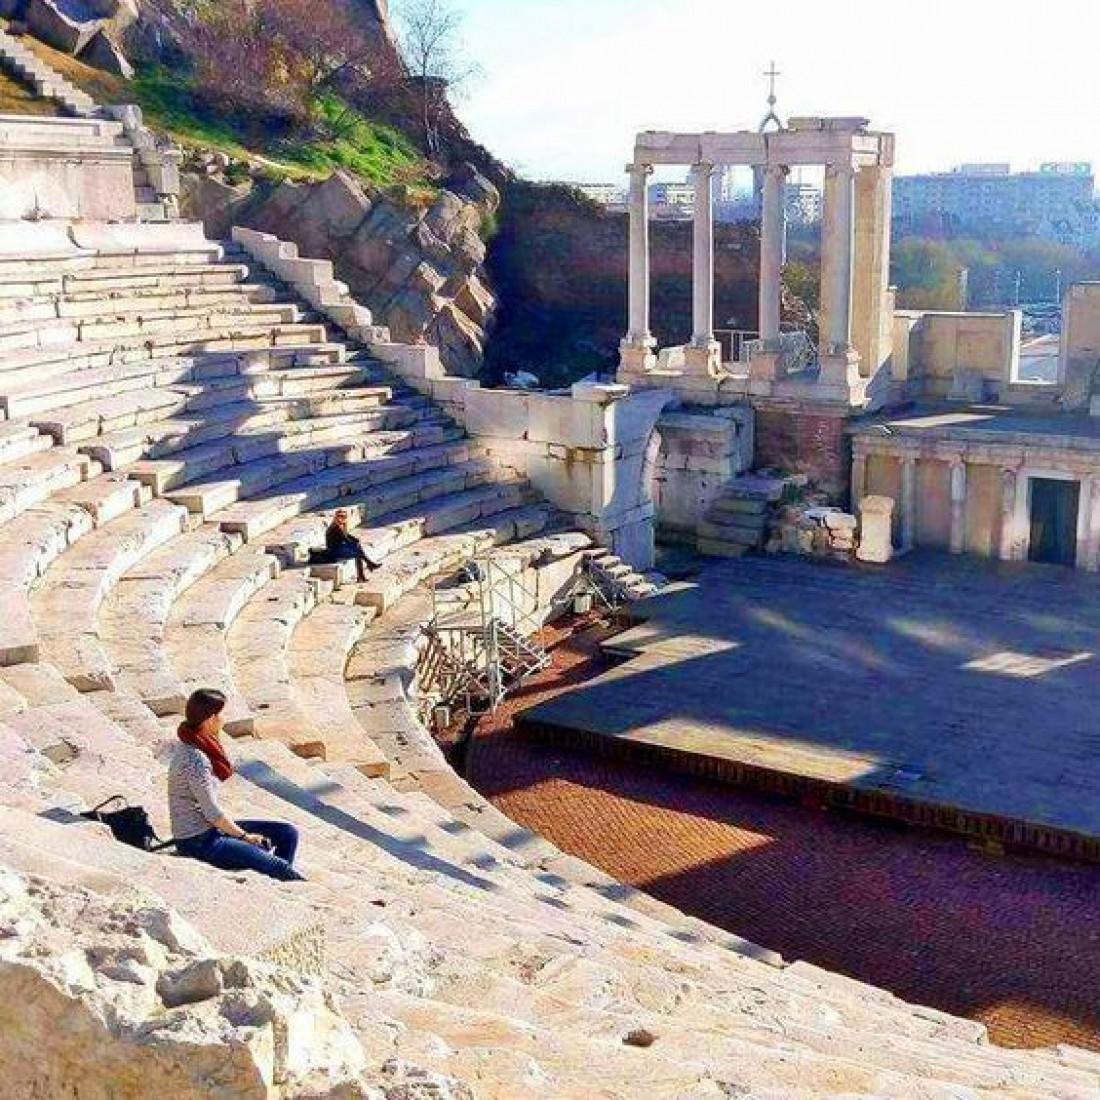 В античном амфитеатре Пловдива до сих пор дают представления